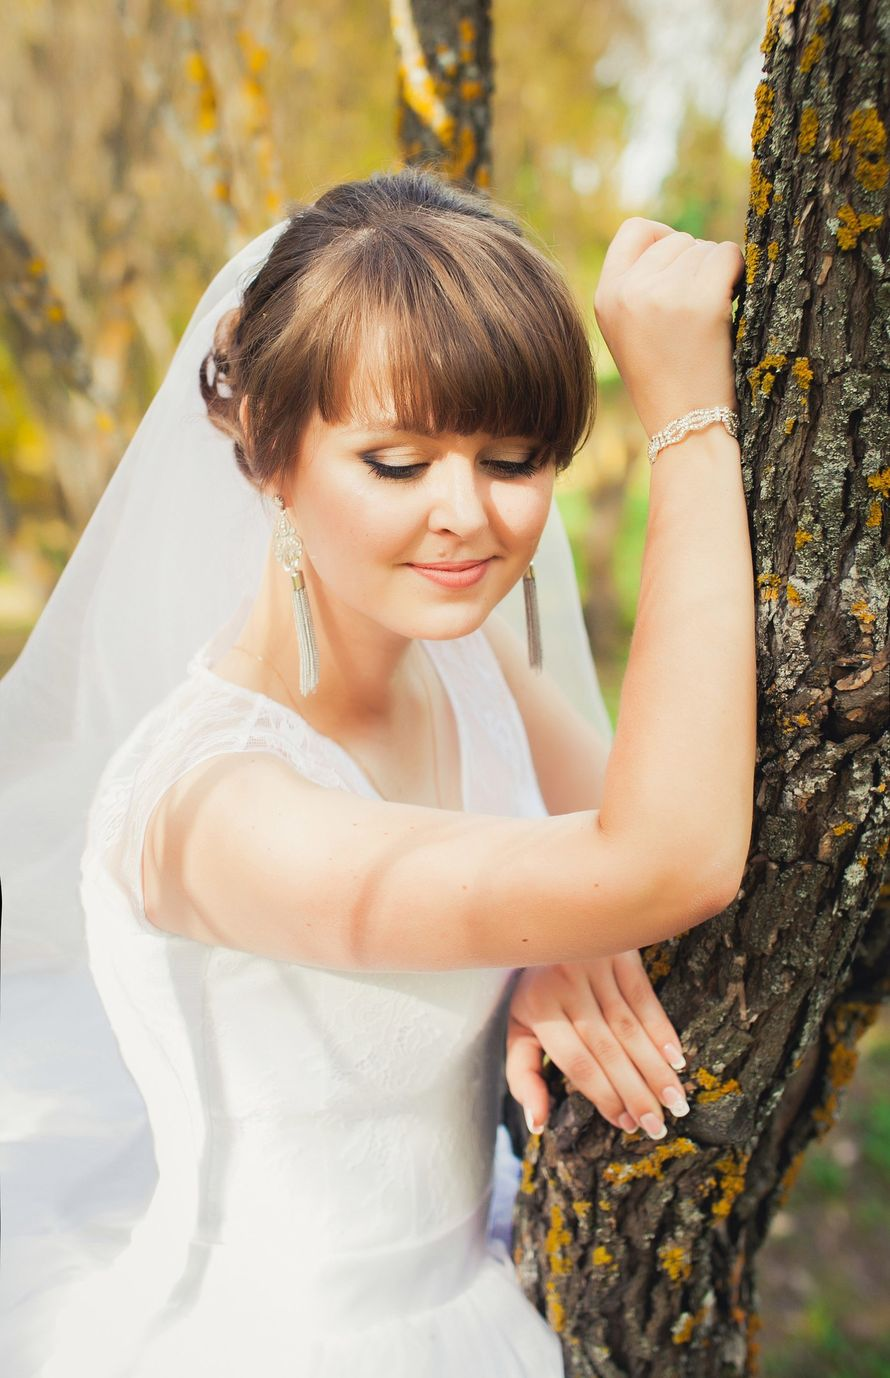 Фото 11066124 в коллекции Портфолио - Стилист-визажист Анна Степанова